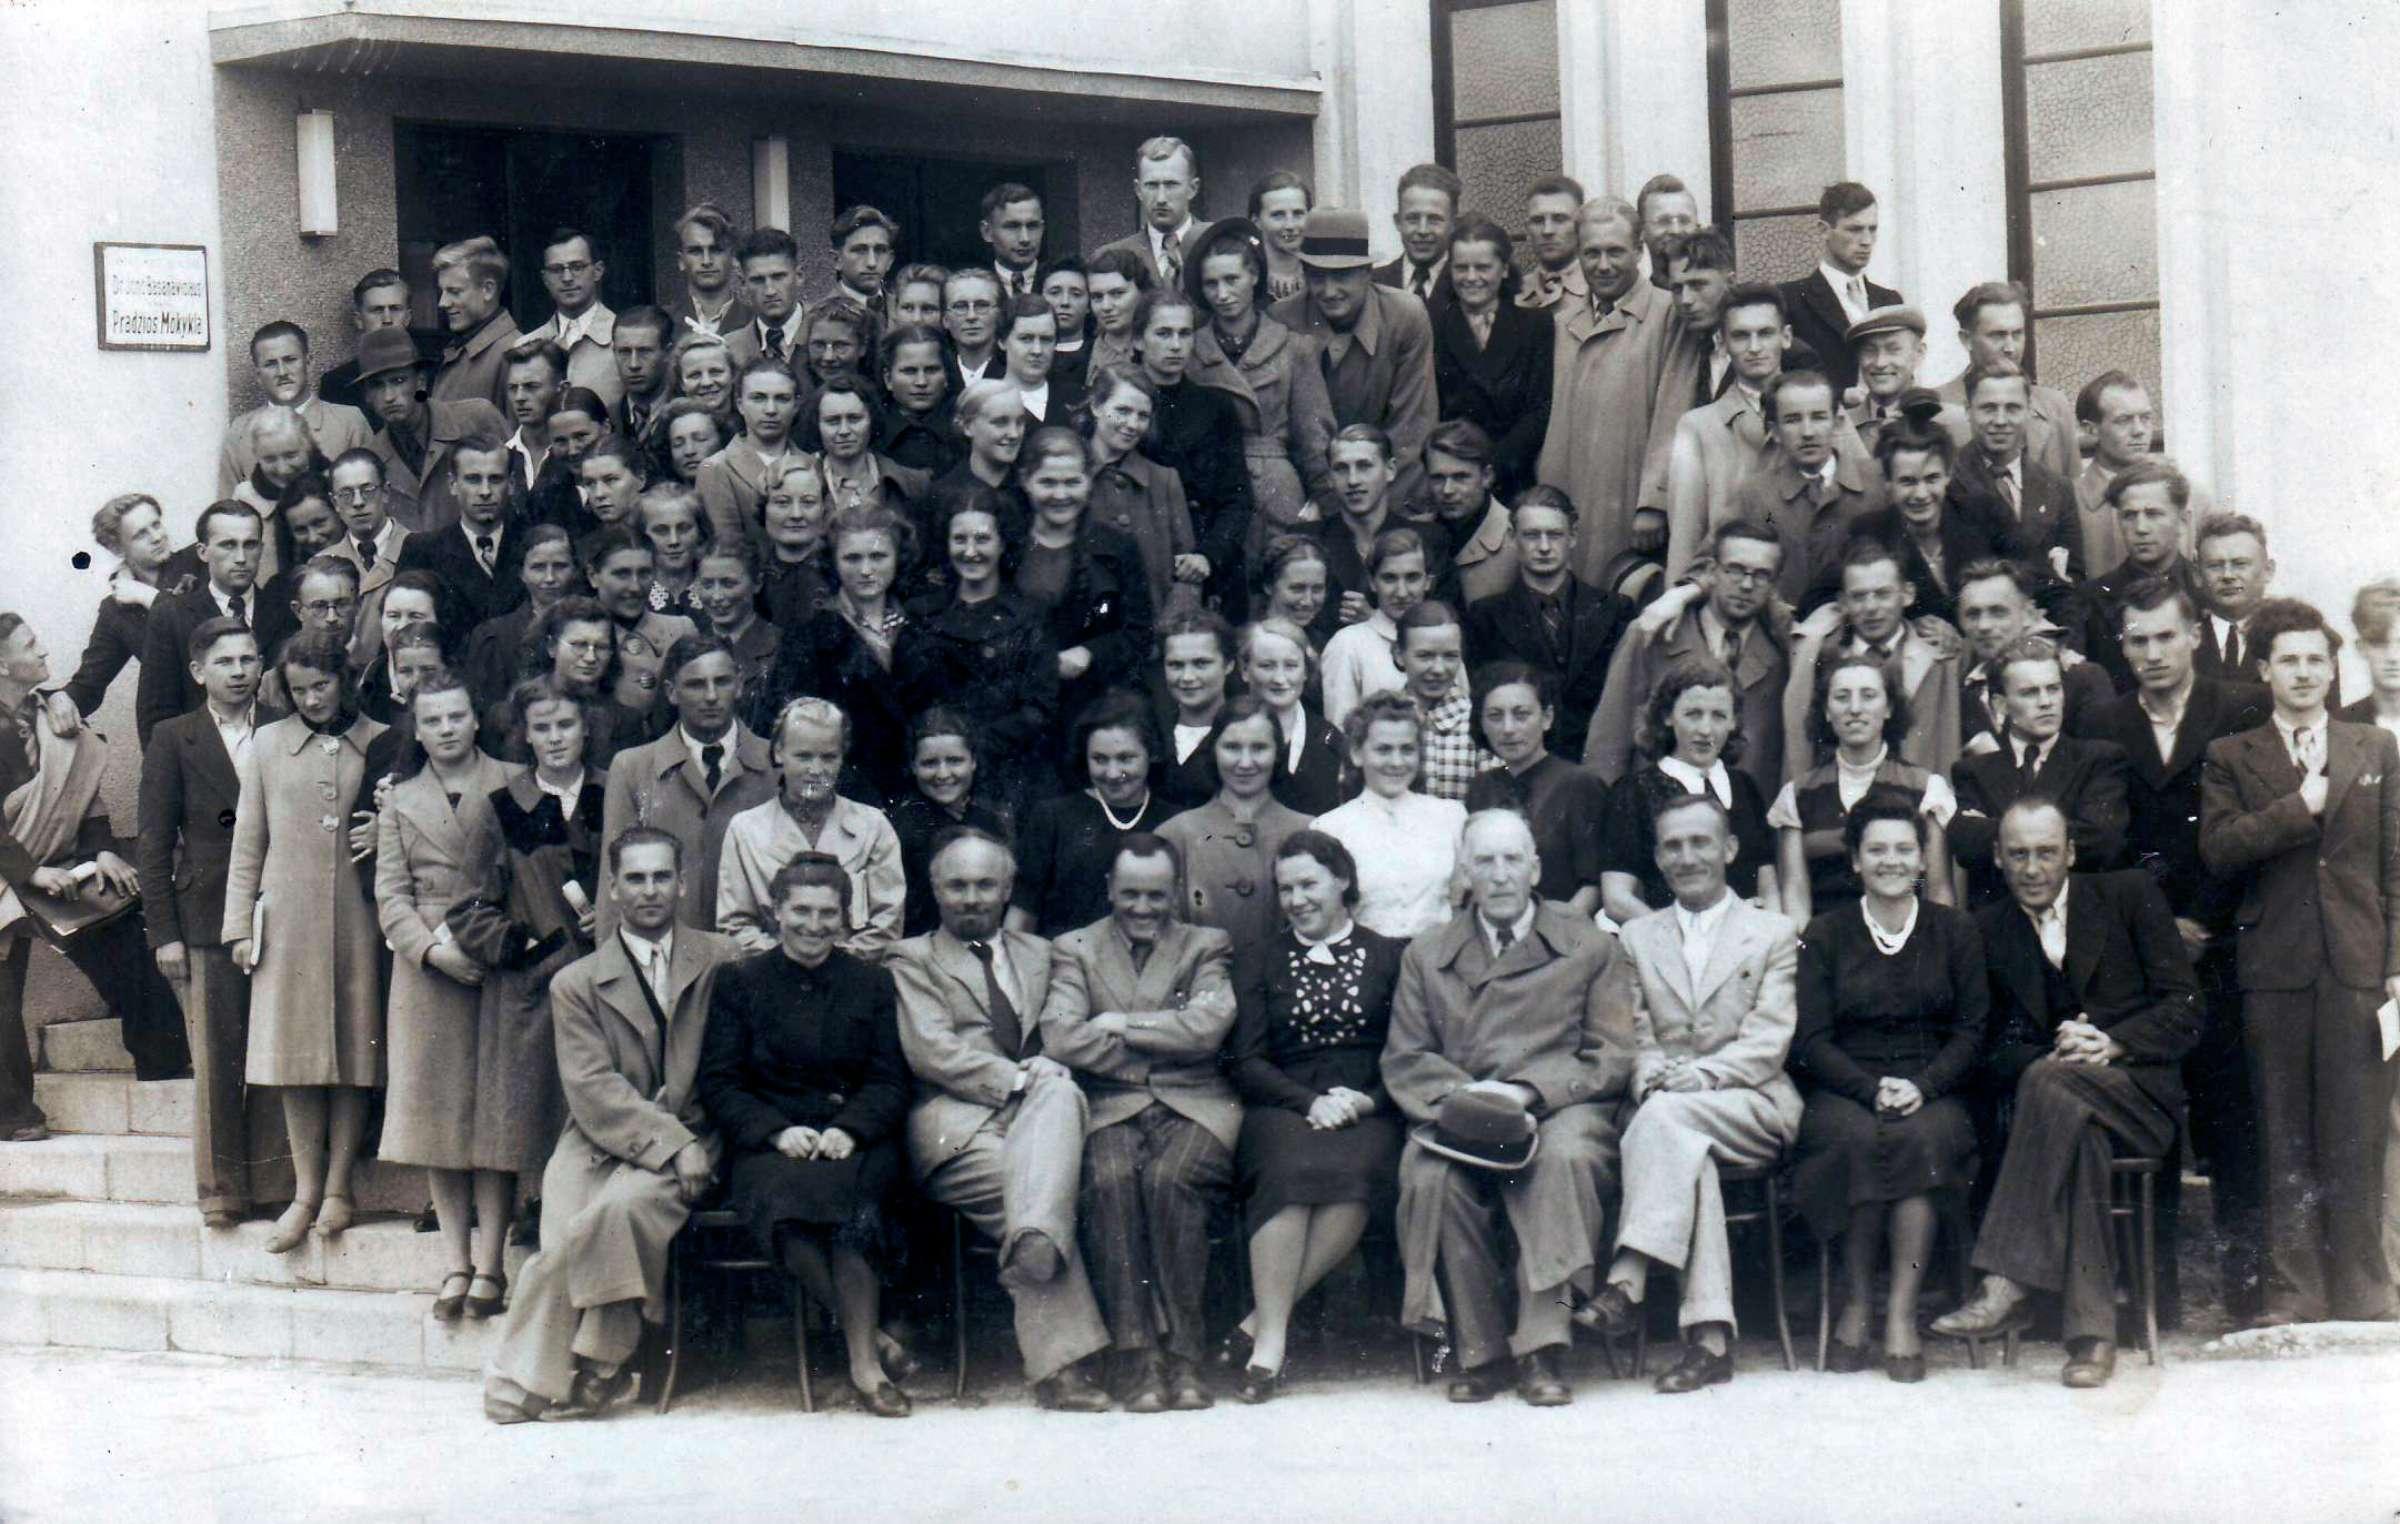 Pradžios mokyklų mokytojų kursai (1940-04-25 – 1940-09-25). Prie Ukmergės dr. Jono Basanavičiaus pradžios mokyklos pastato. K. Butautis antroje eilėje trečias iš kairės  | D. Brazdžiūnienės asmeninio albumo nuotr.